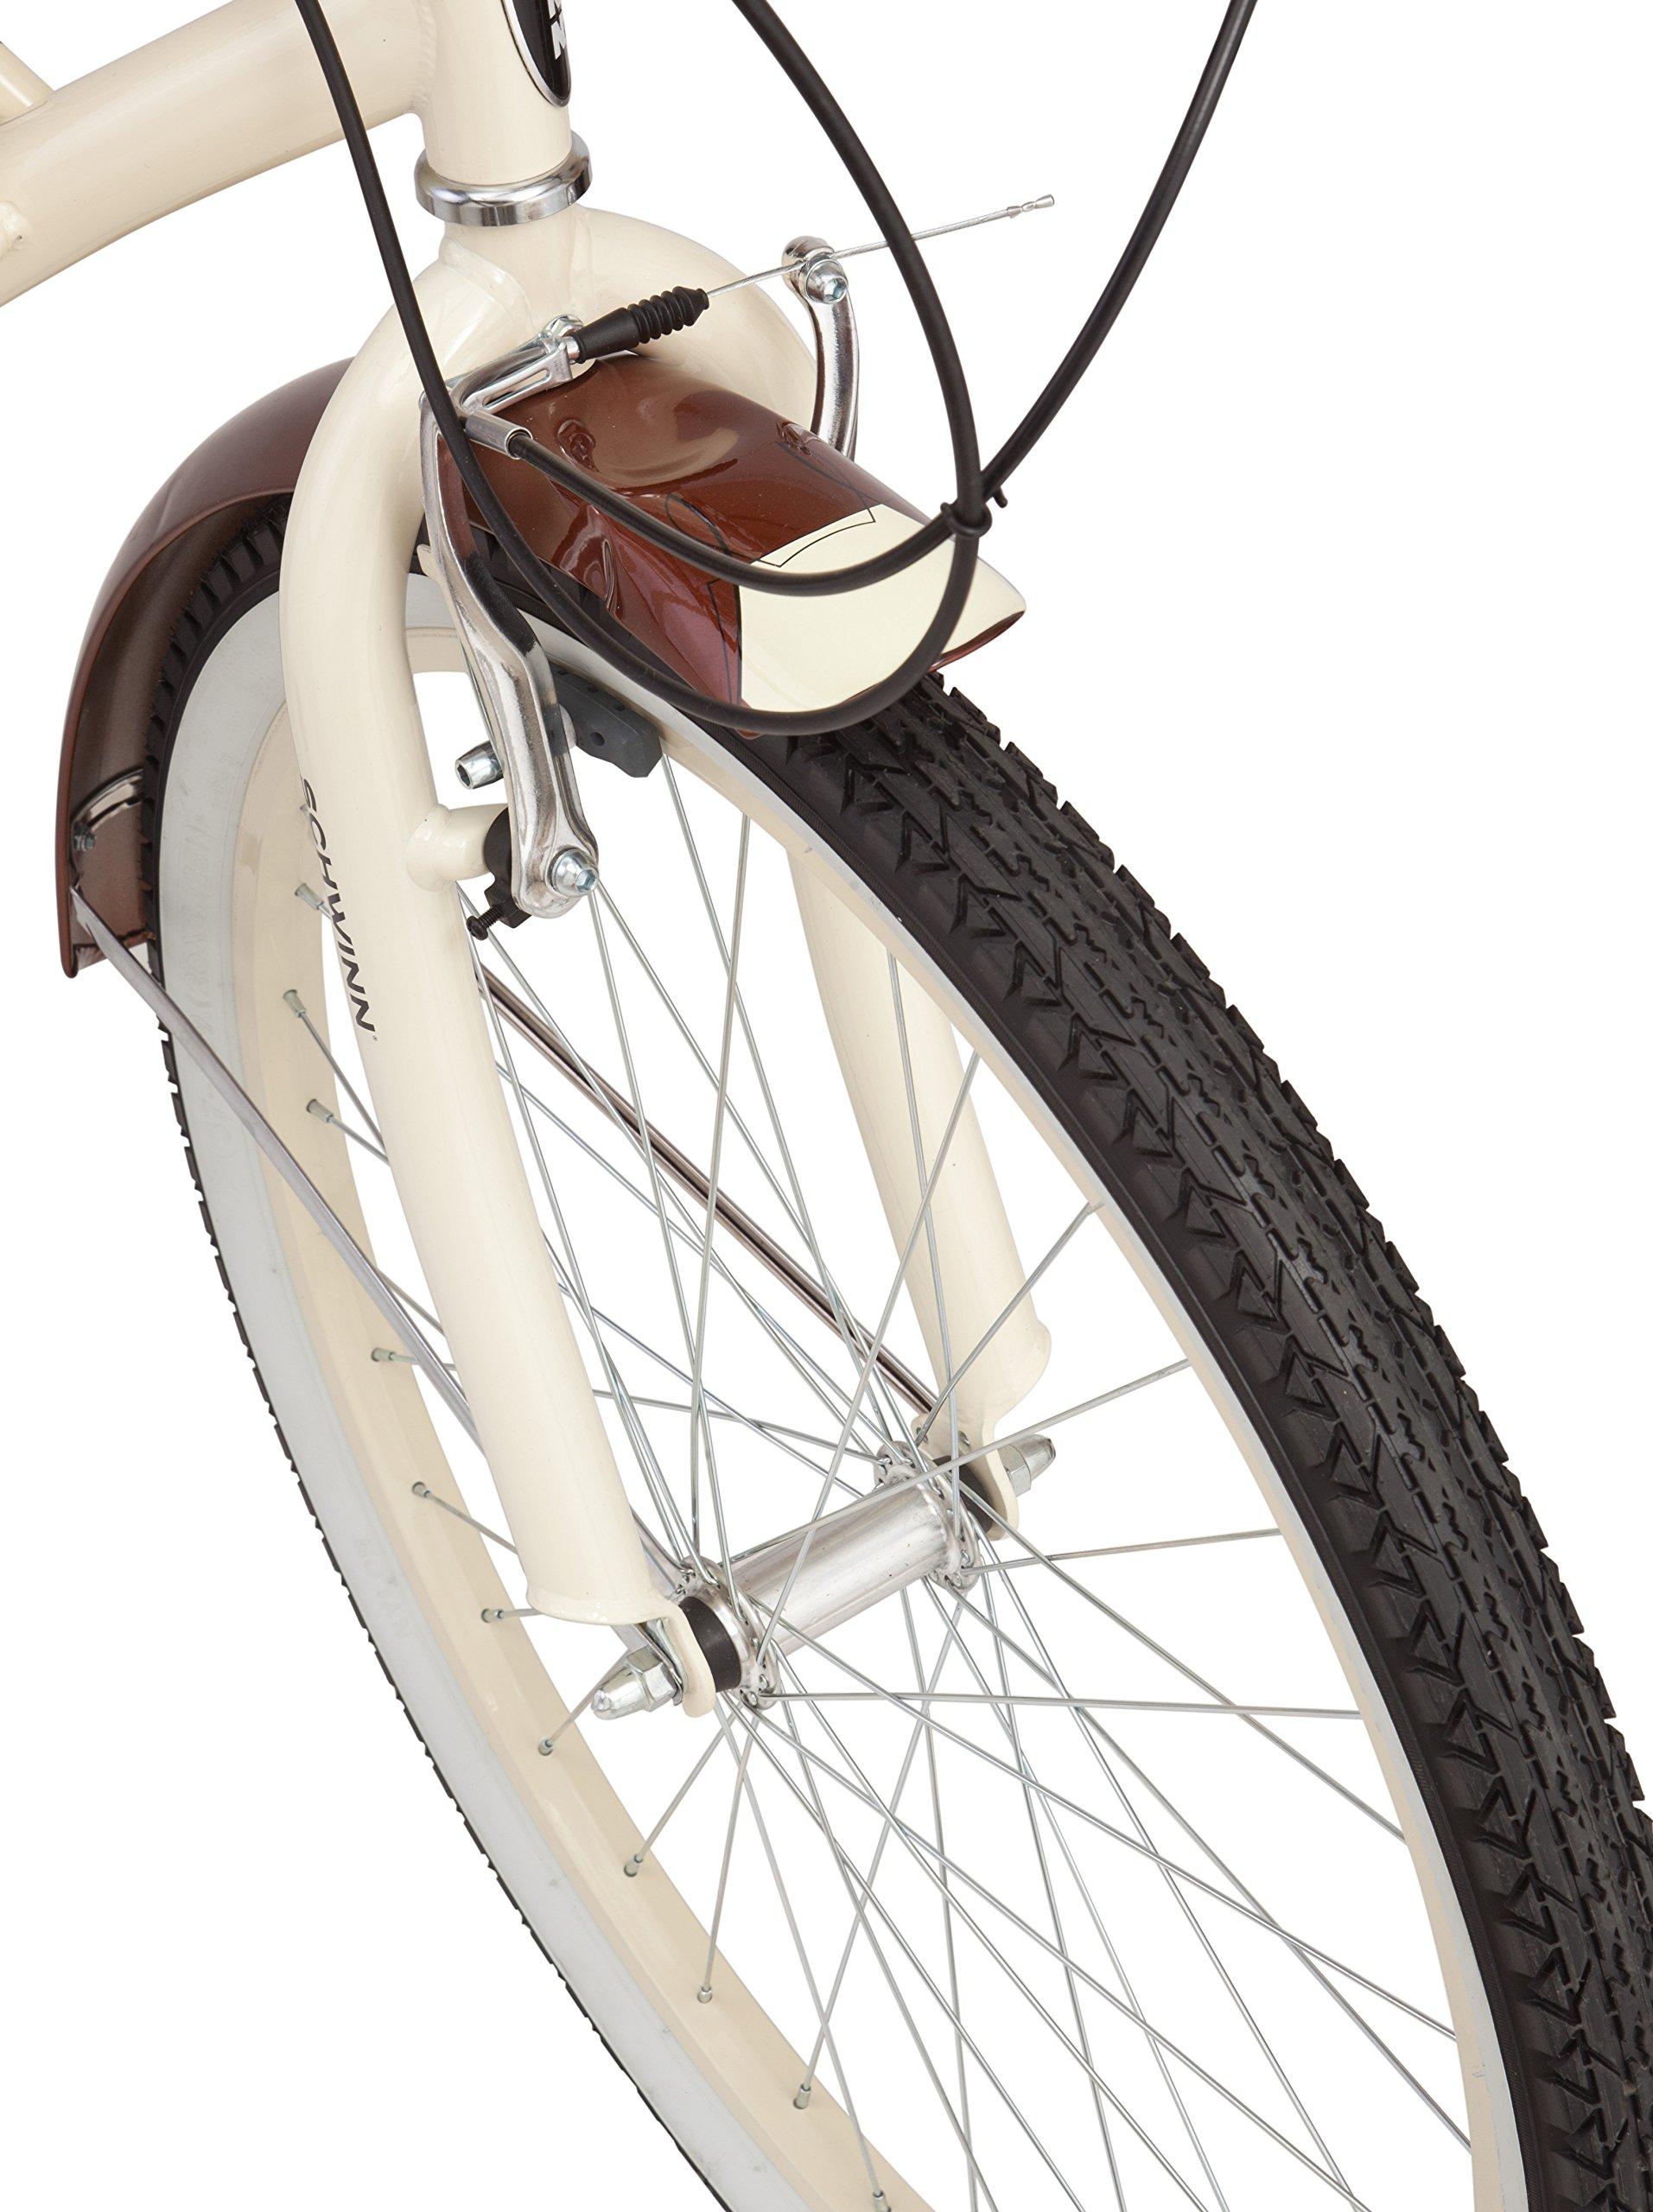 Schwinn Men's Sanctuary 7-Speed Cruiser Bicycle (26-Inch Wheels), Cream/Copper, 18 -Inch by Schwinn (Image #3)